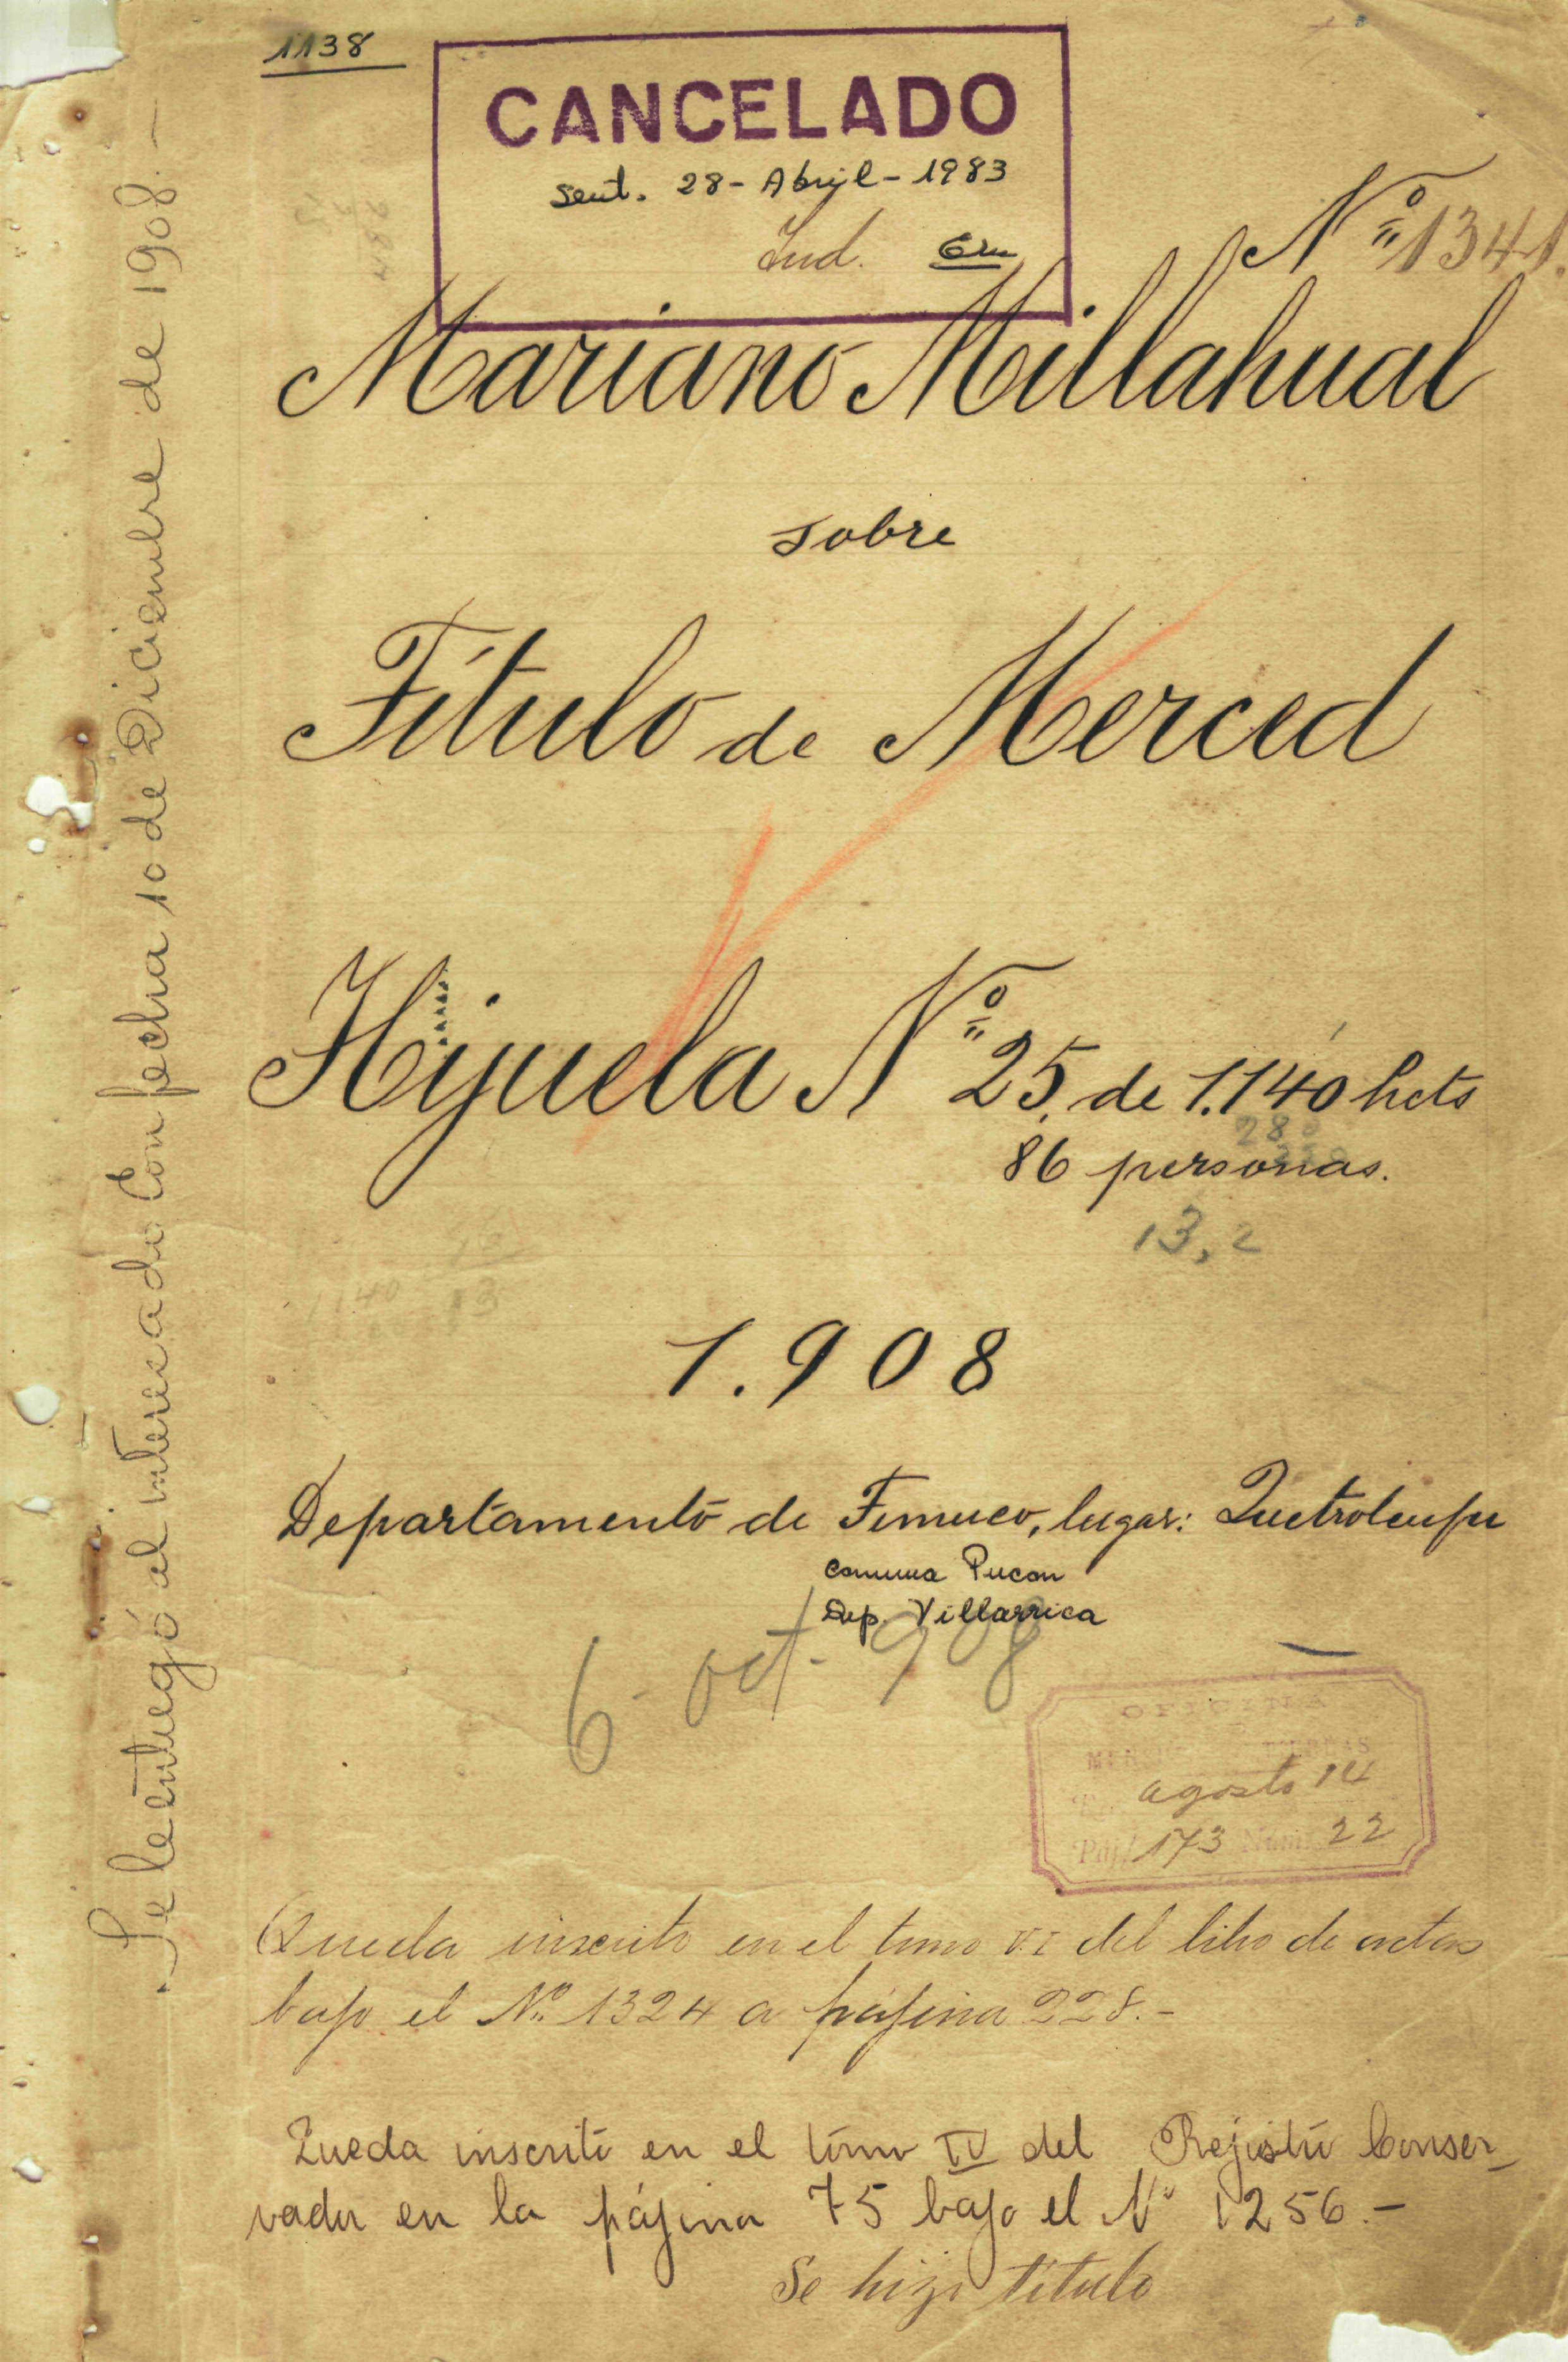 Portada del título de merced de la Comunidad Mariano Millahual de 1908. Vigente hasta 1983 cuando fue dividida / interferencia